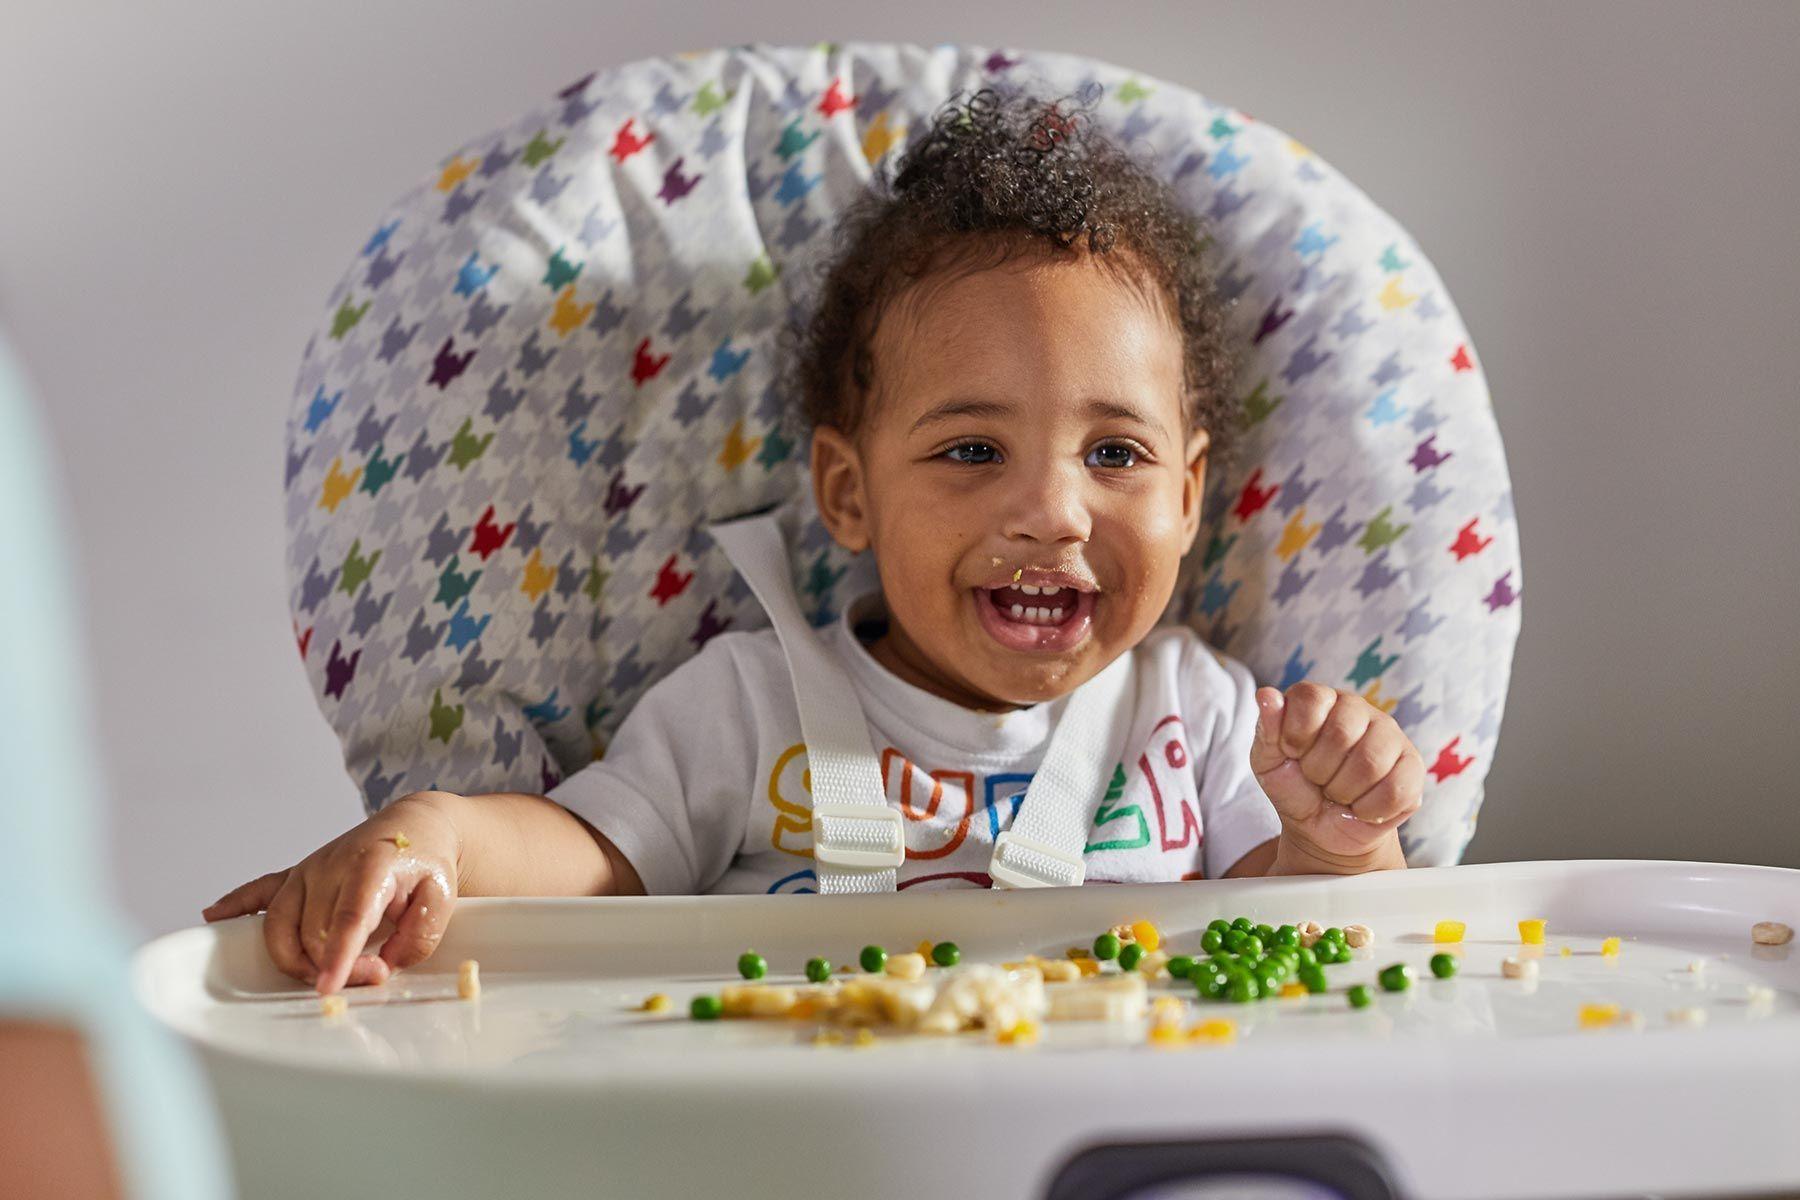 Crianças começam a comer sozinhas aos 6 meses